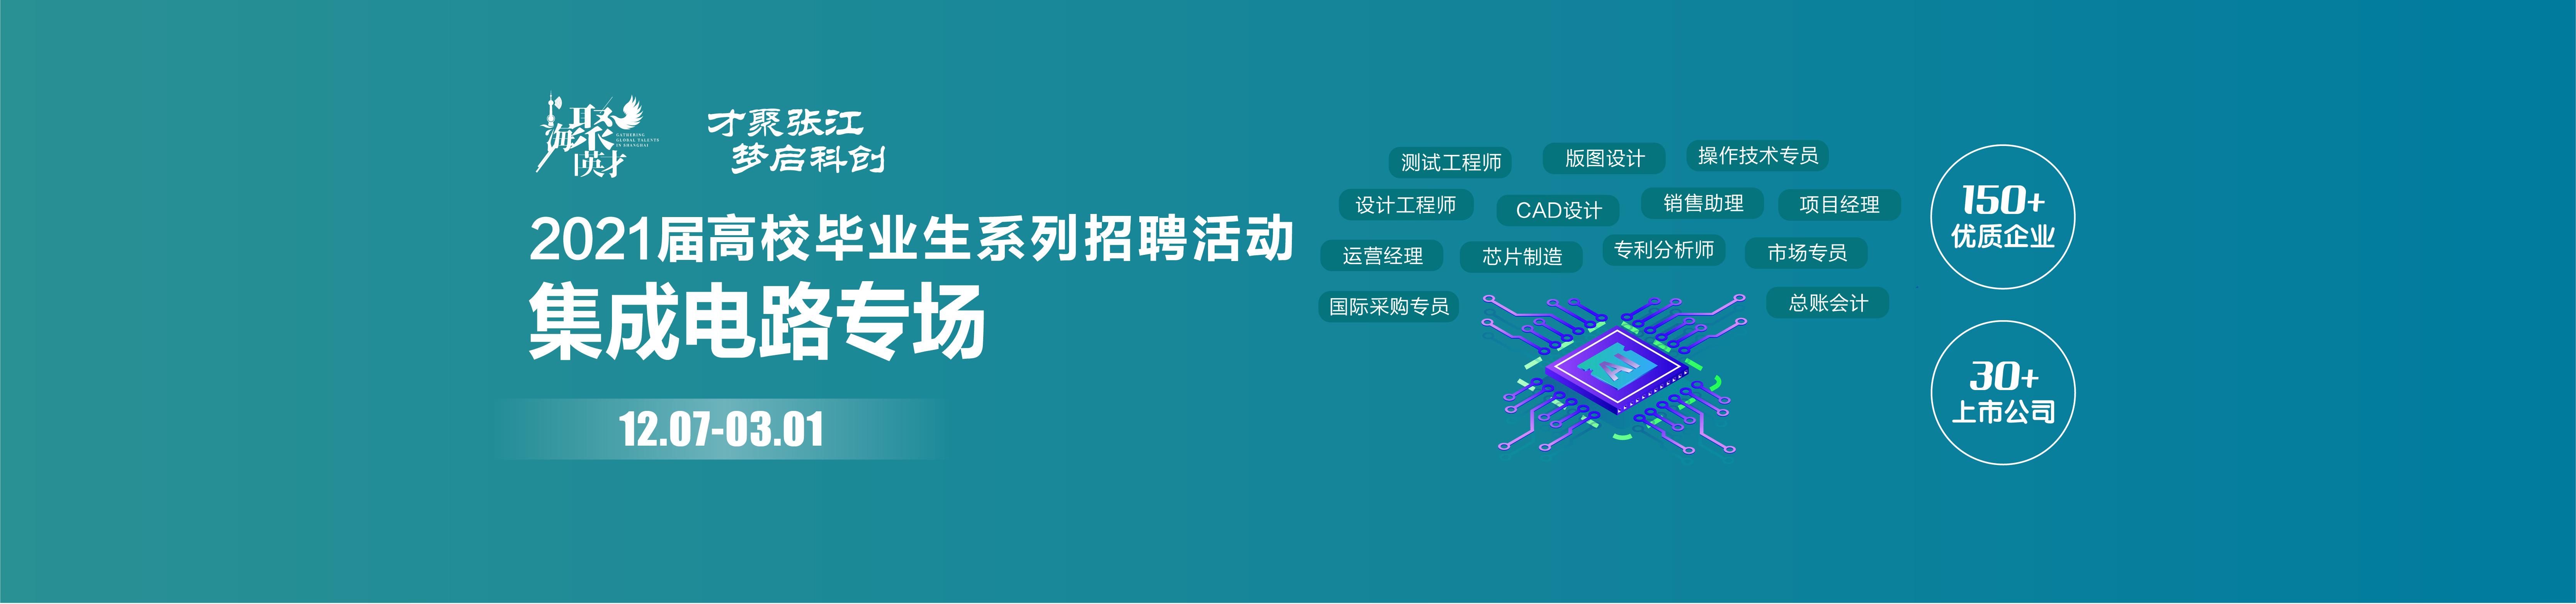 上海工程技术大学2021届毕业生招聘会集成电路专场